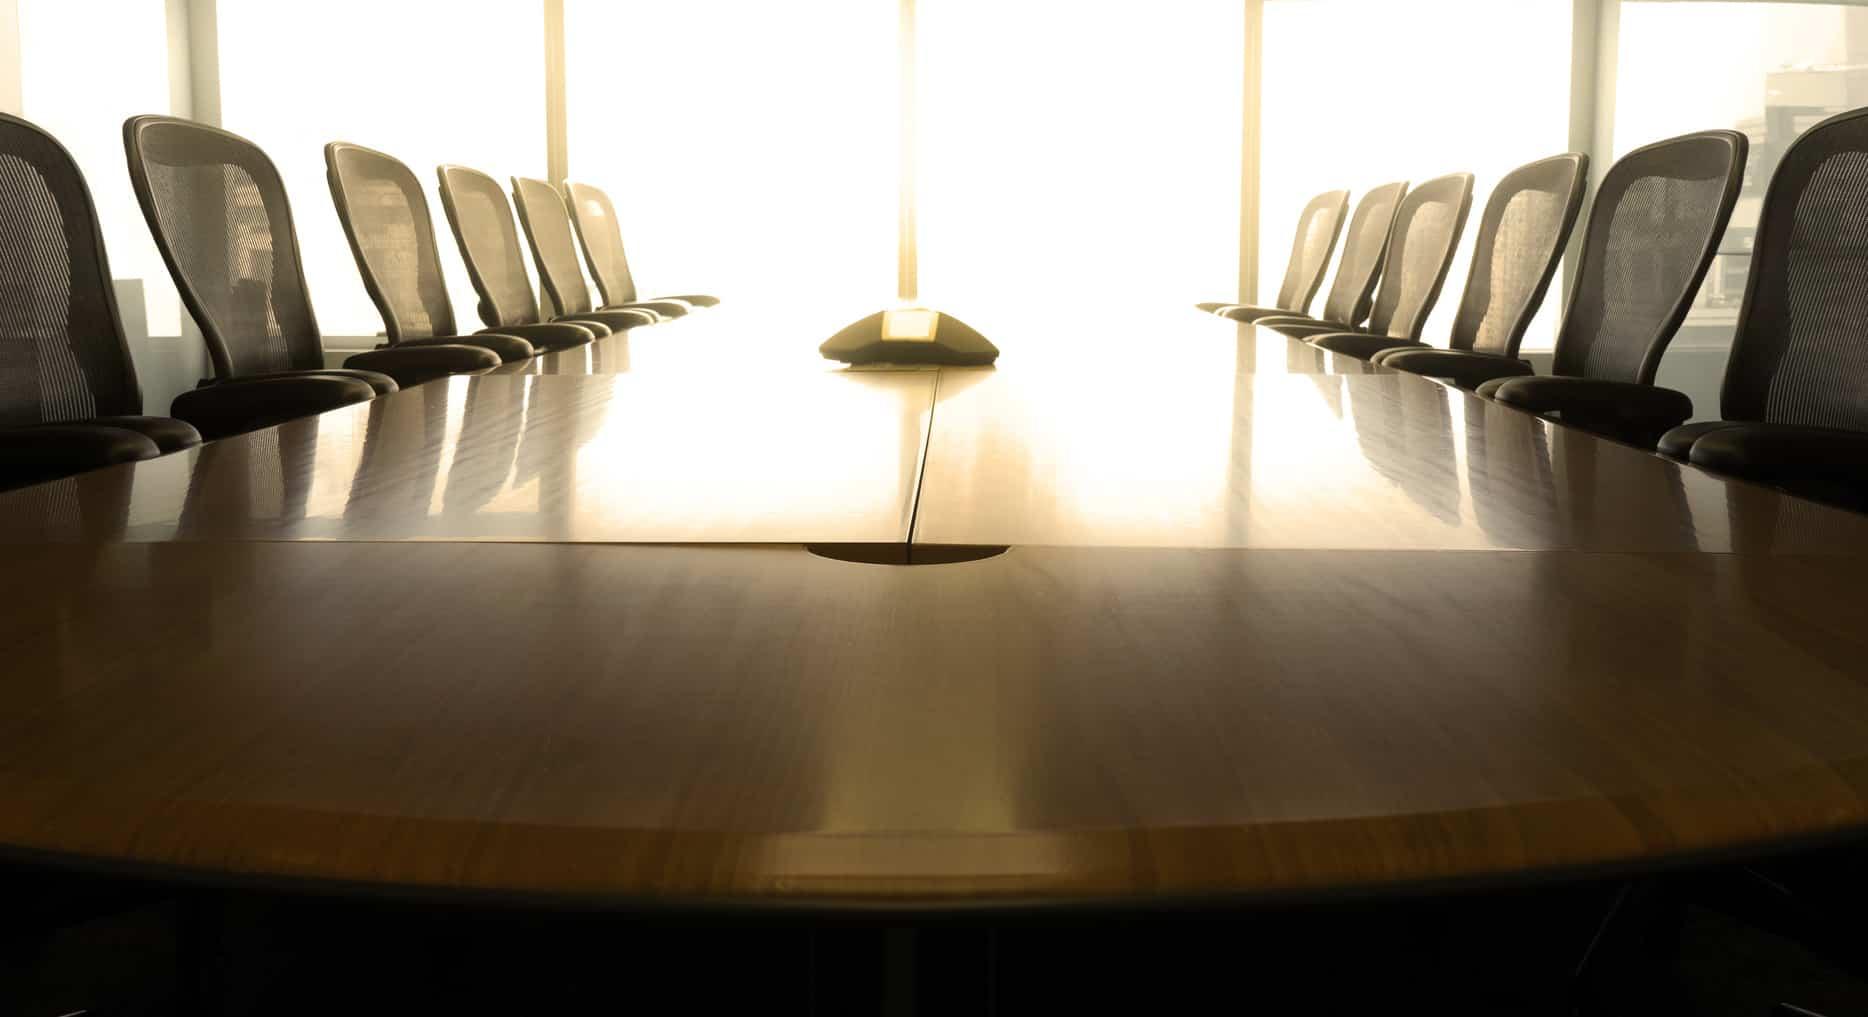 El miércoles comparecieron cinco comisionados del IFT que aspiran a presidir su Pleno y a dirigir el propio instituto, hoy a cargo de Adriana Labardini.